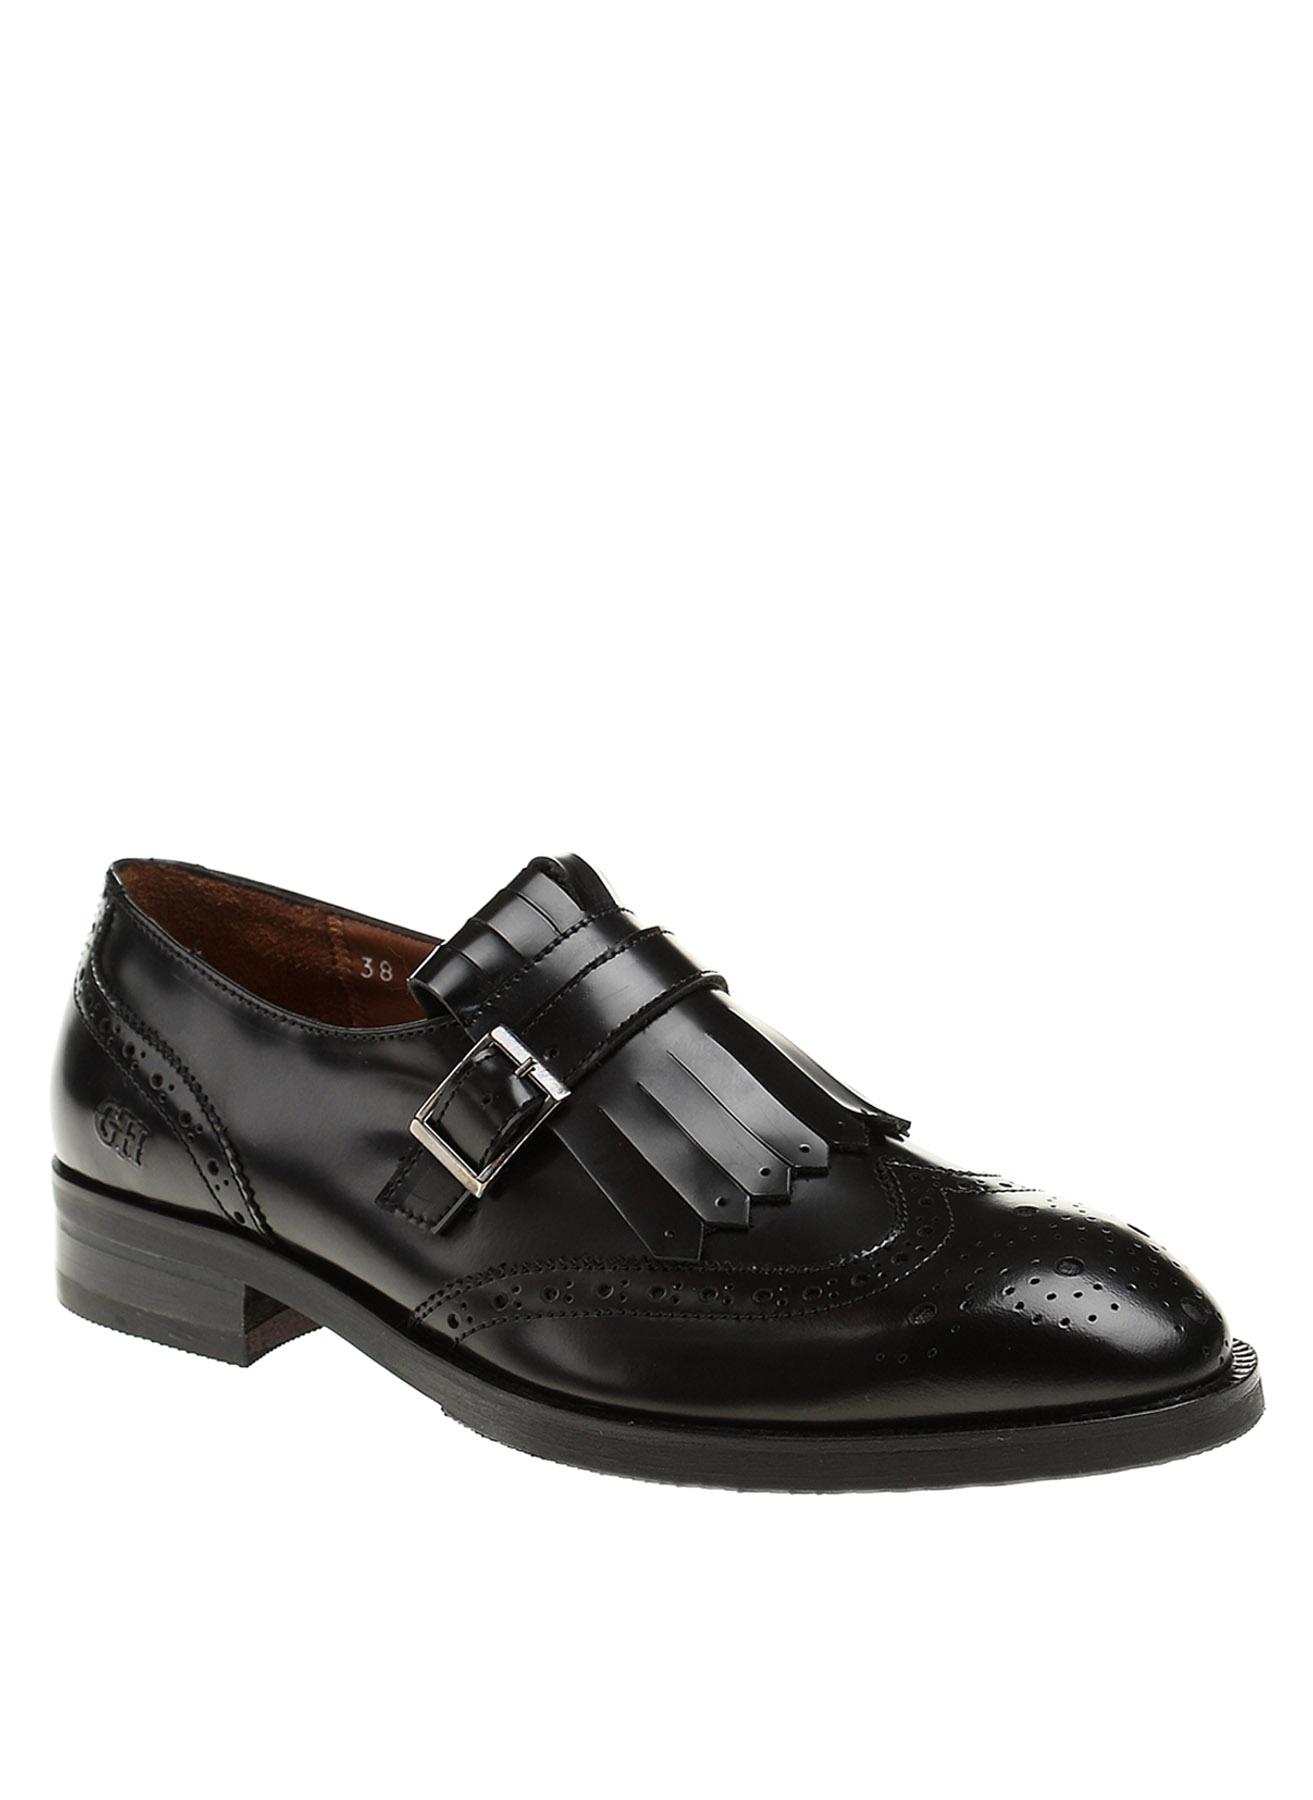 George Hogg Erkek Oxford Deri Düz Ayakkabı 39 5001908436004 Ürün Resmi